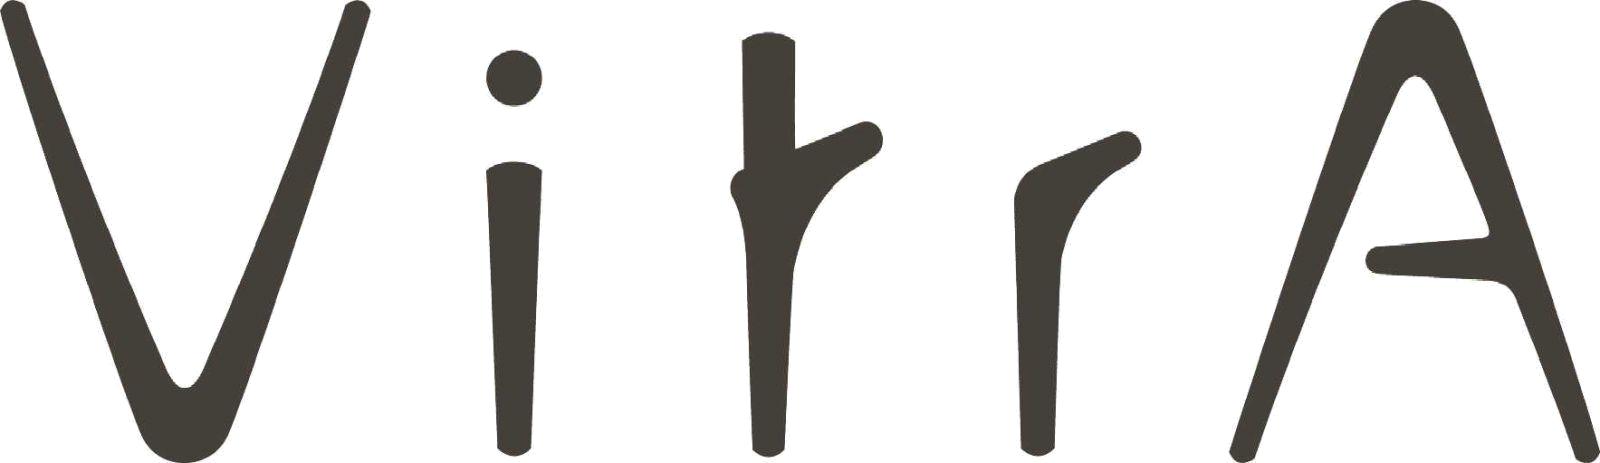 Купить набор Vitra (Витра) Dynamic S A49152EXP смесителей 3 в 1 в интернет-магазине сантехники RoyalSan.ru